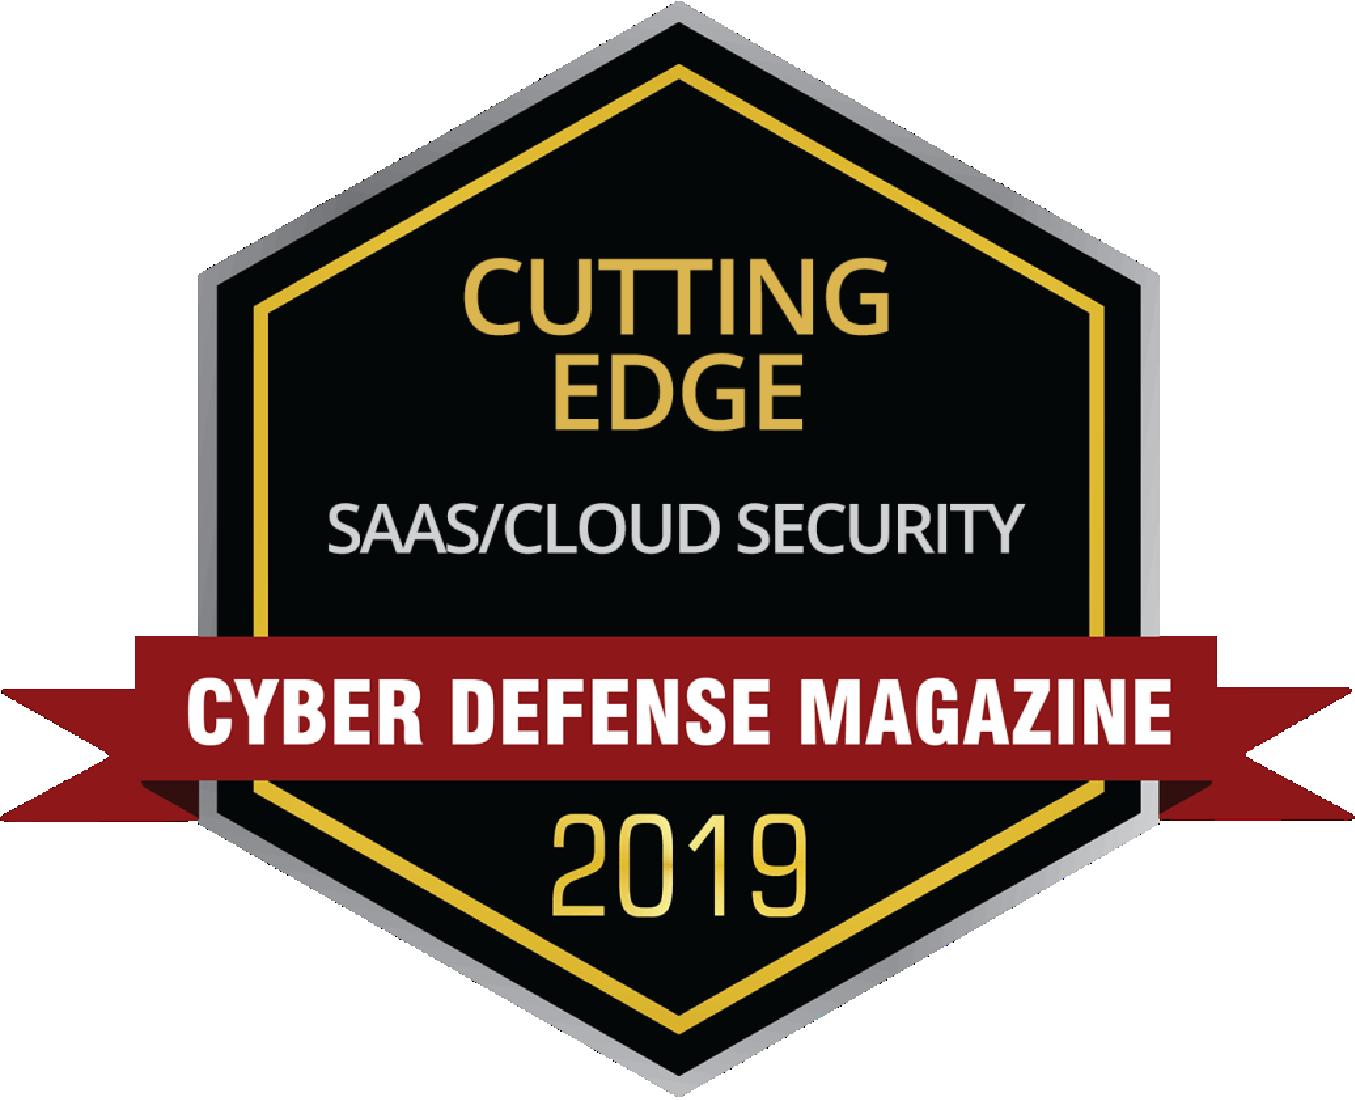 SaaS Security CDM Award_SafeGuard Cyber_2019 (1)